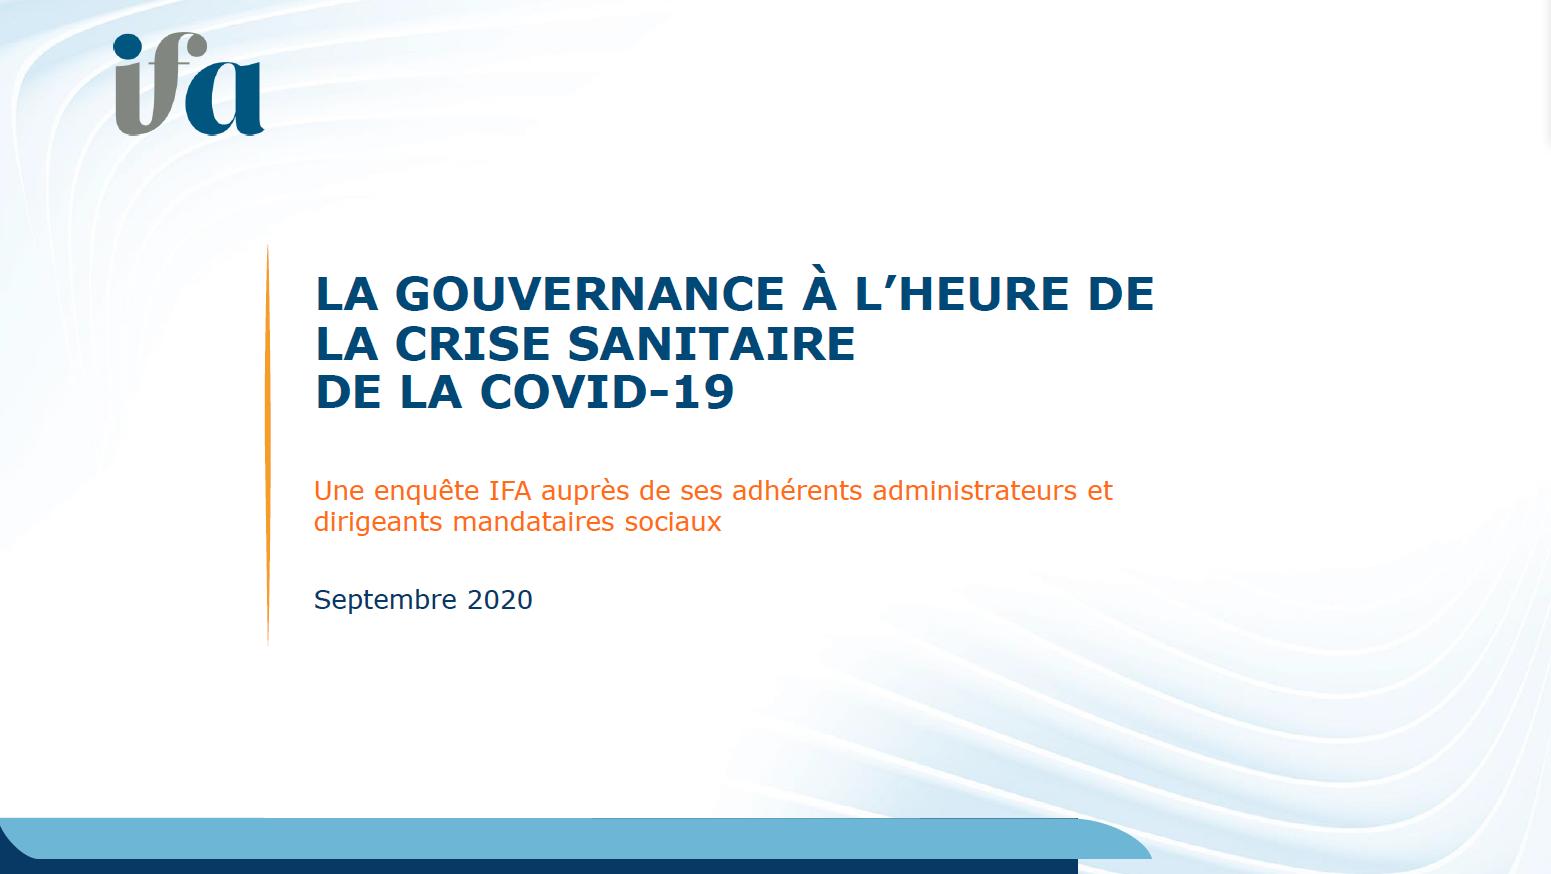 Enquête IFA : La Gouvernance à l'heure de la crise sanitaire COVID-19